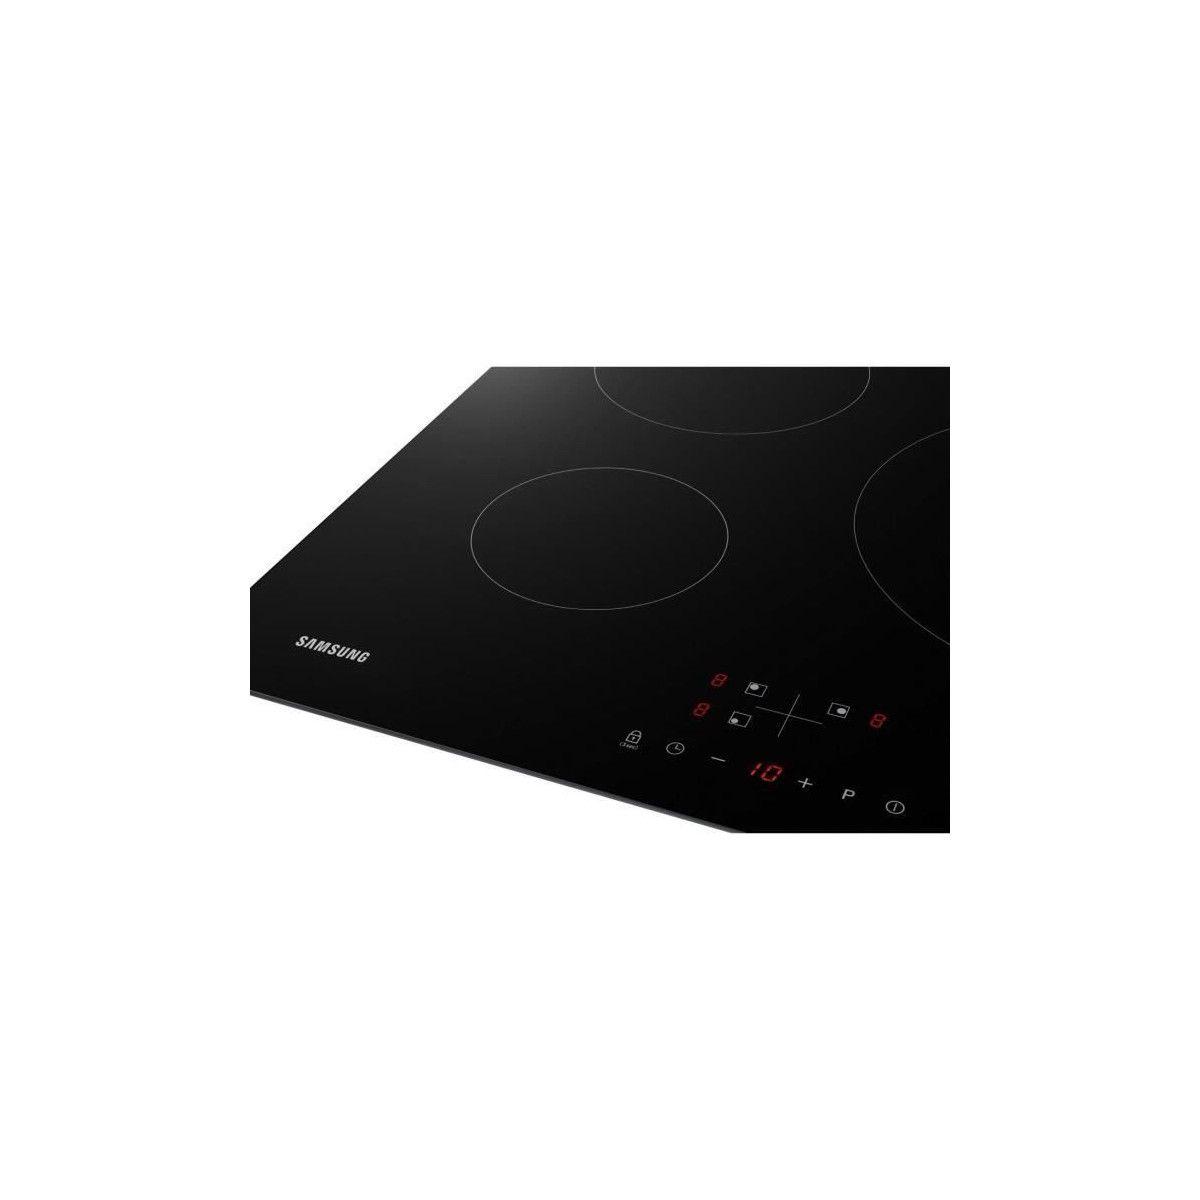 Achat Plaque Induction Pas Cher samsung nz63m3nm1bb/ur - table de cuisson induction - 3 zones - 7200 w -  l59 x p57 cm - revetement verre - noir